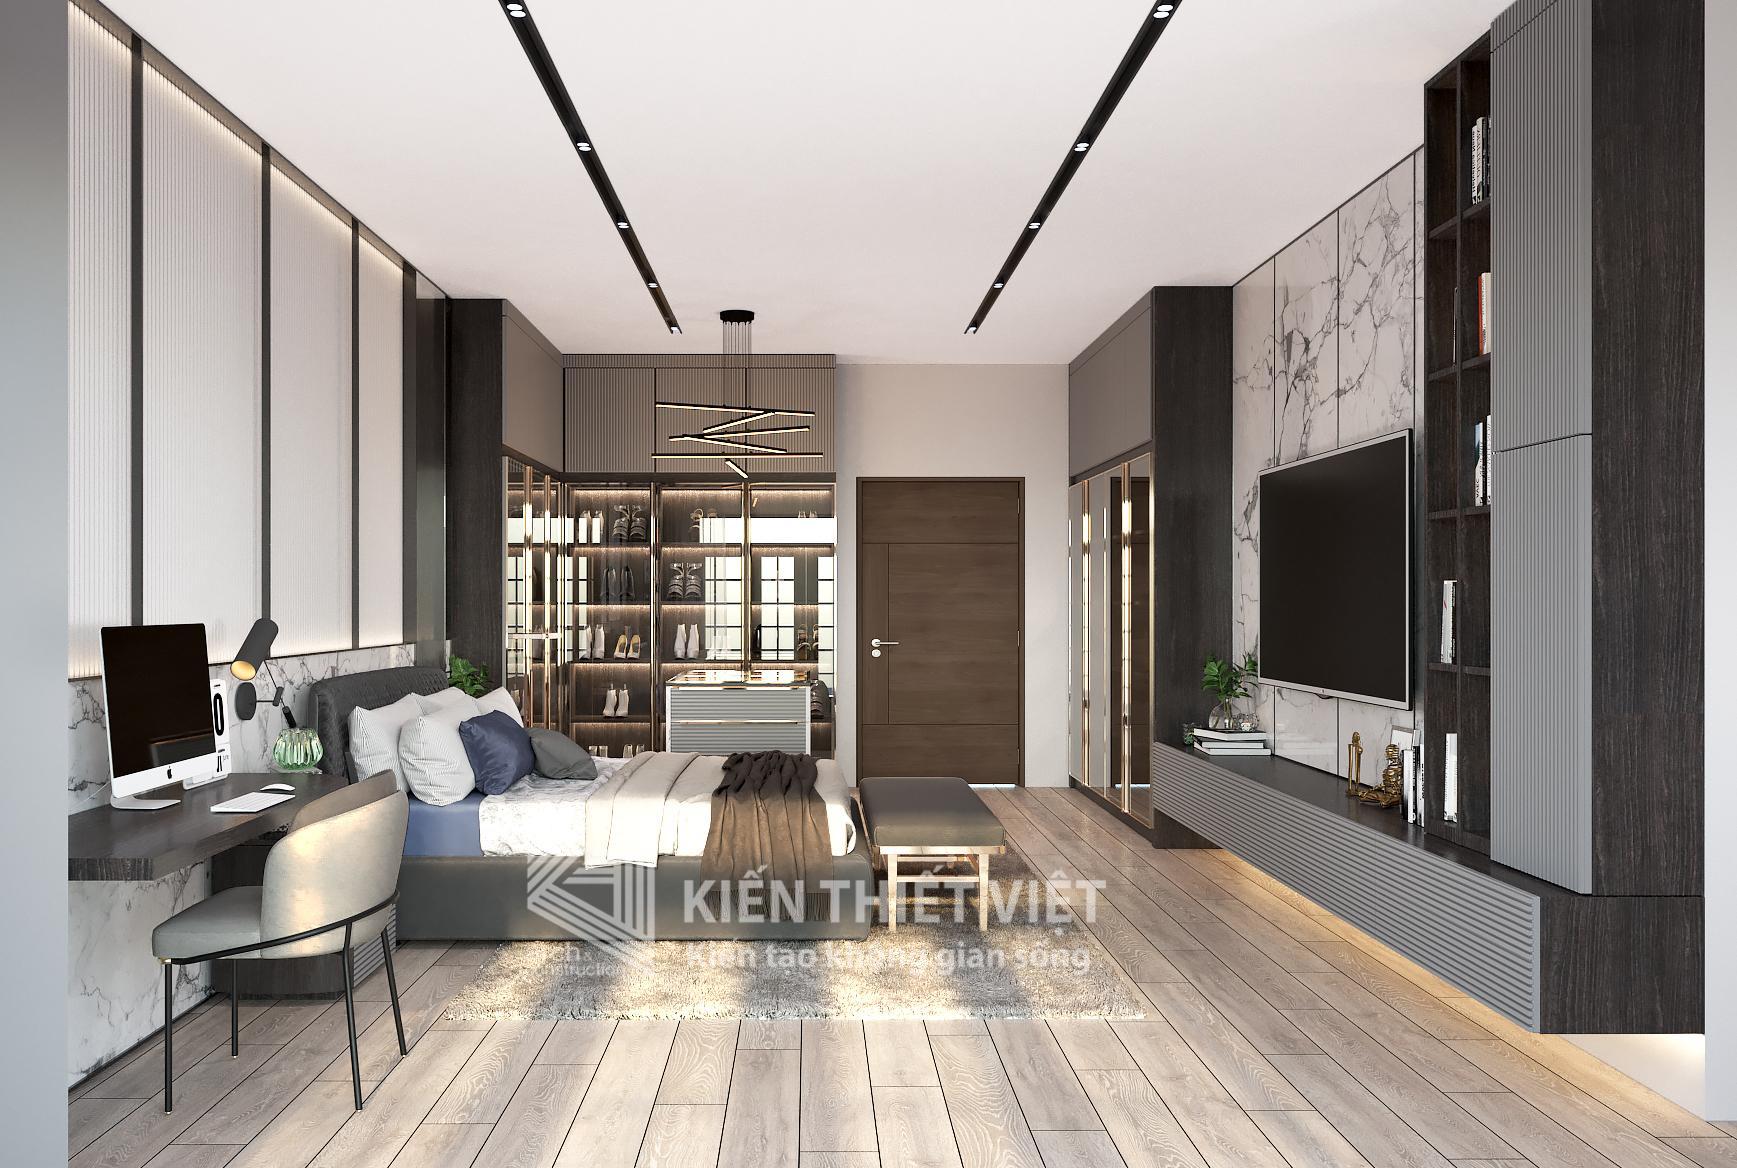 Thiết kế nội thất Nhà Mặt Phố tại Hồ Chí Minh Nhà phố Vườn Lài Tân Phú 1593399393 21